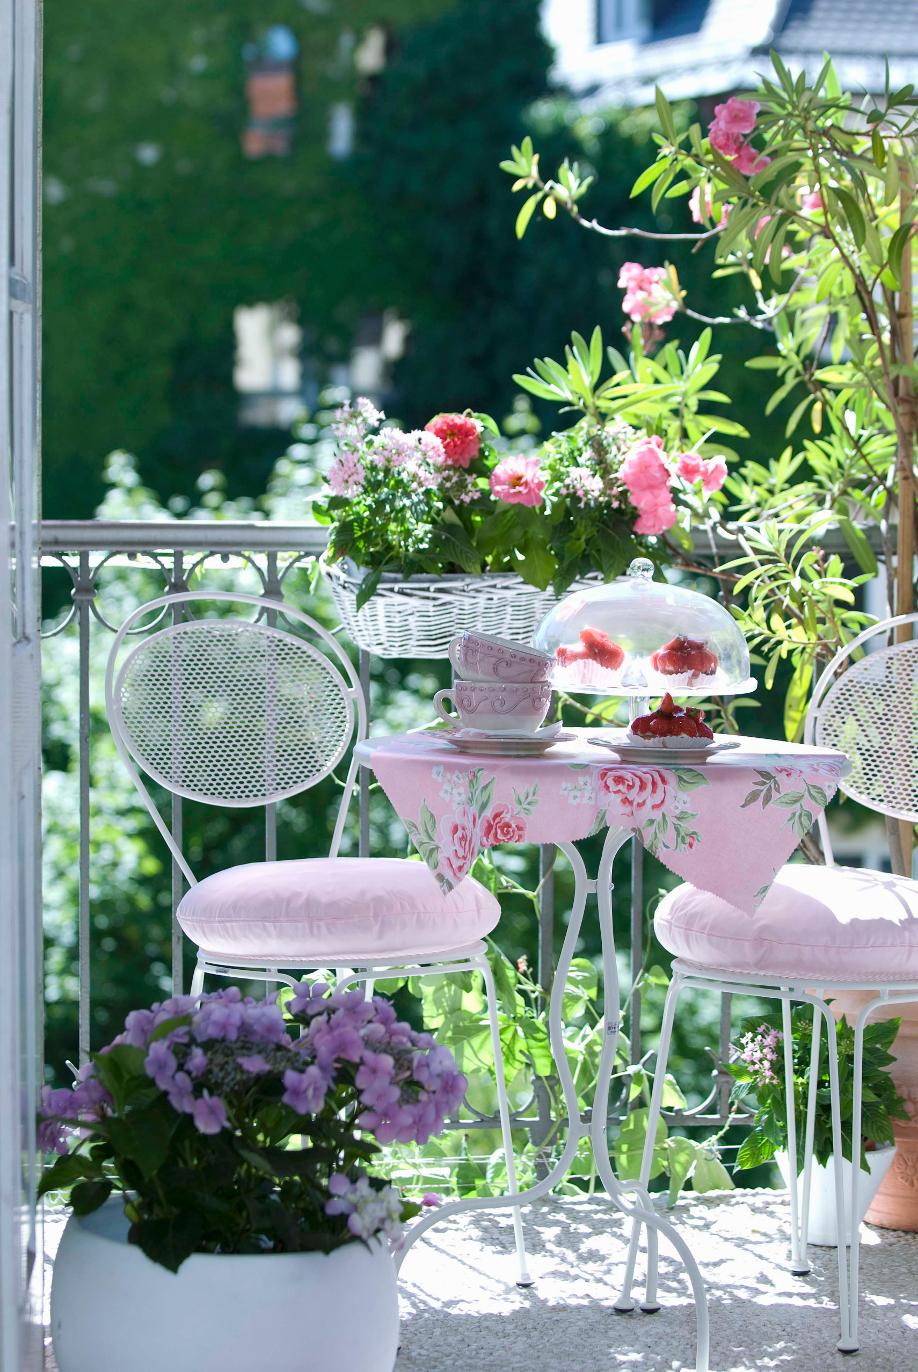 Decorare-il-balcone, Balcone, Arredamento, Decorazioni, Fiori, Outdoor, Idee, Primavera